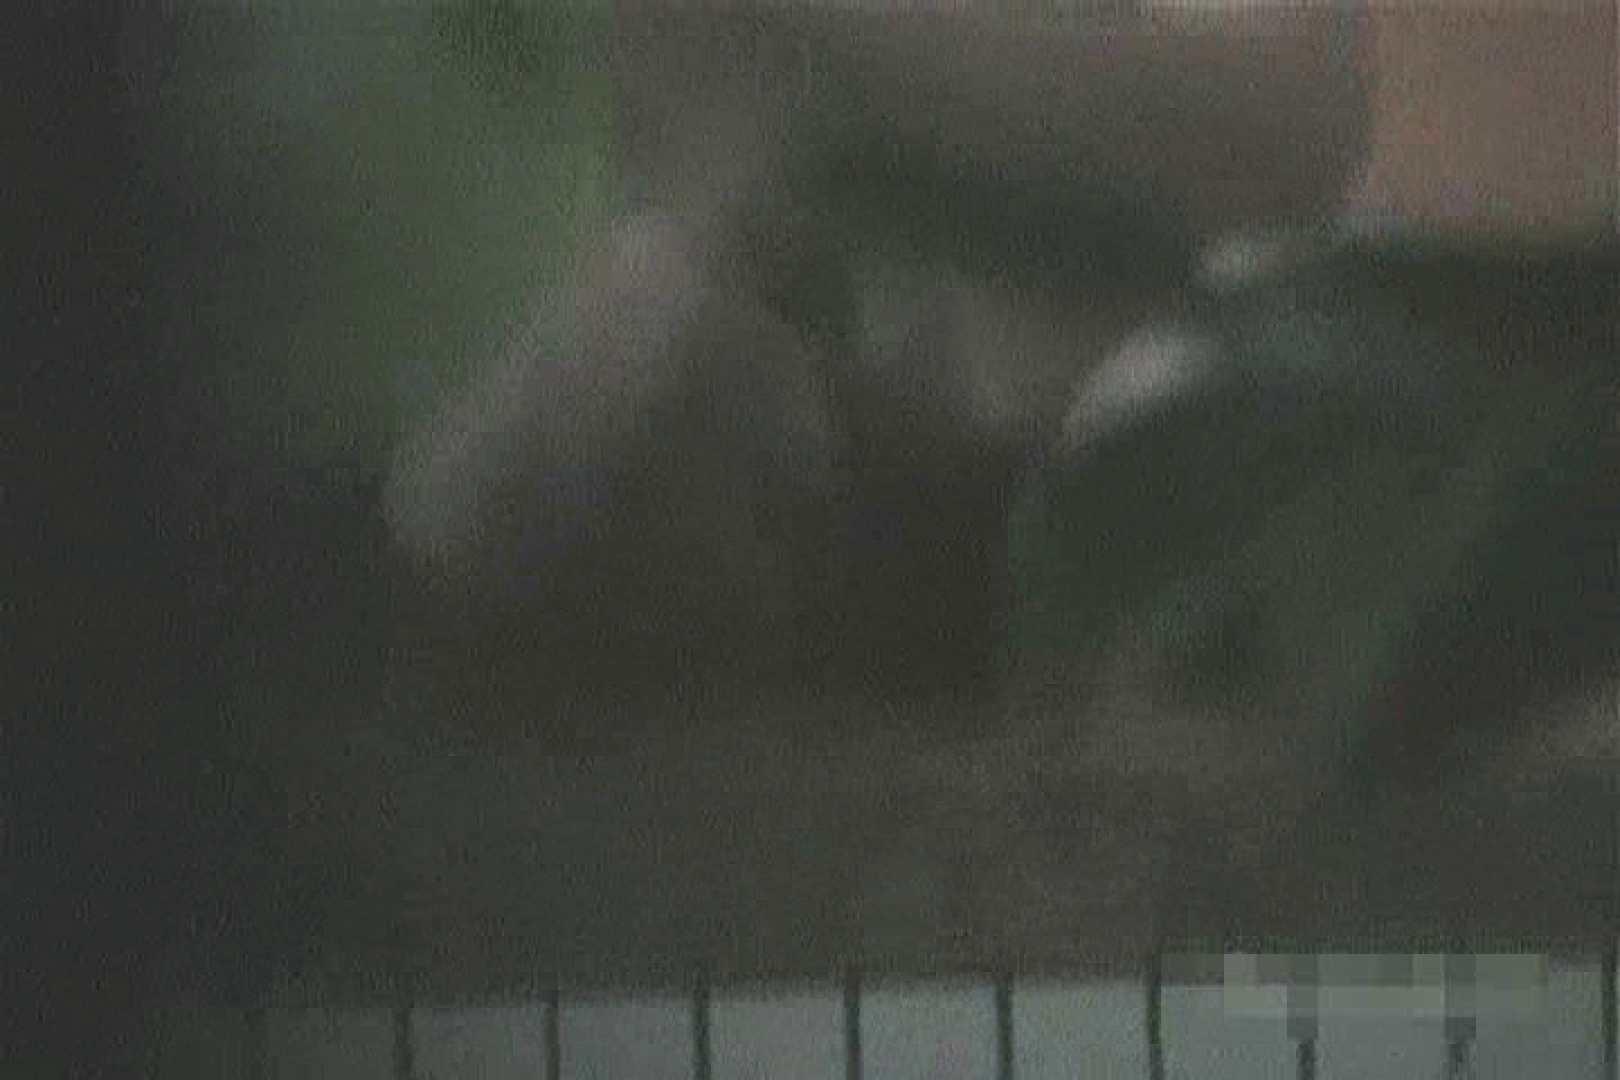 全裸で発情!!家族風呂の実態Vol.2 カップル記念日 エロ画像 107連発 102